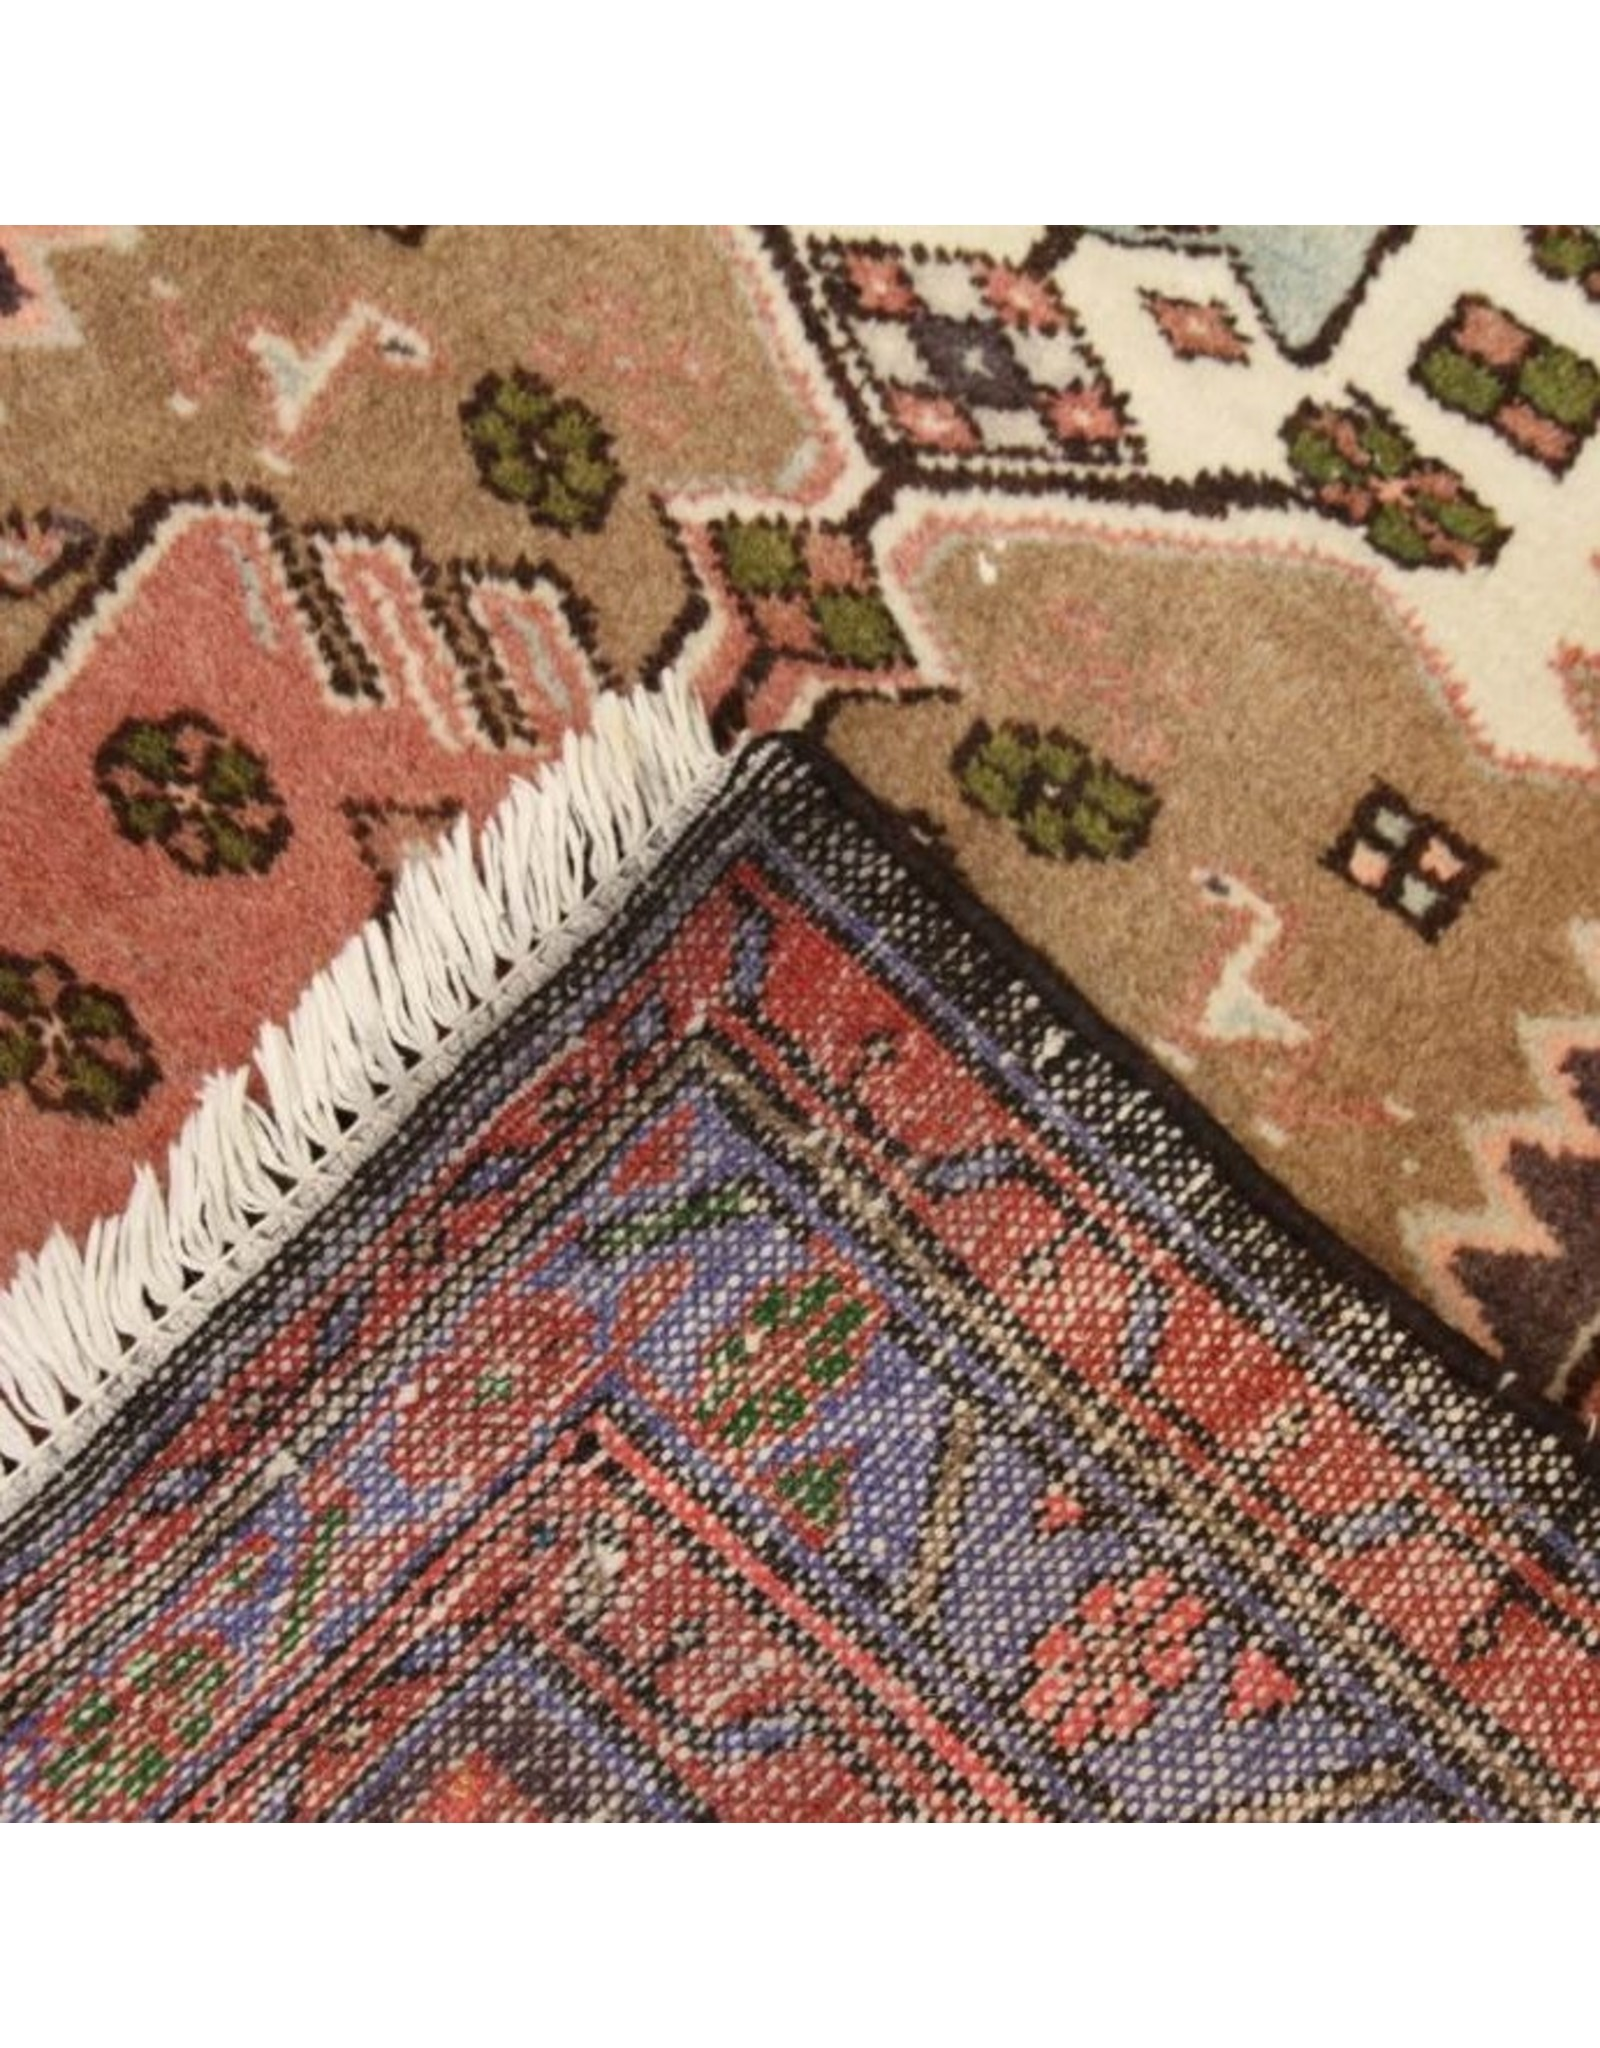 Carpet - 100% wool, Tarom, Iran